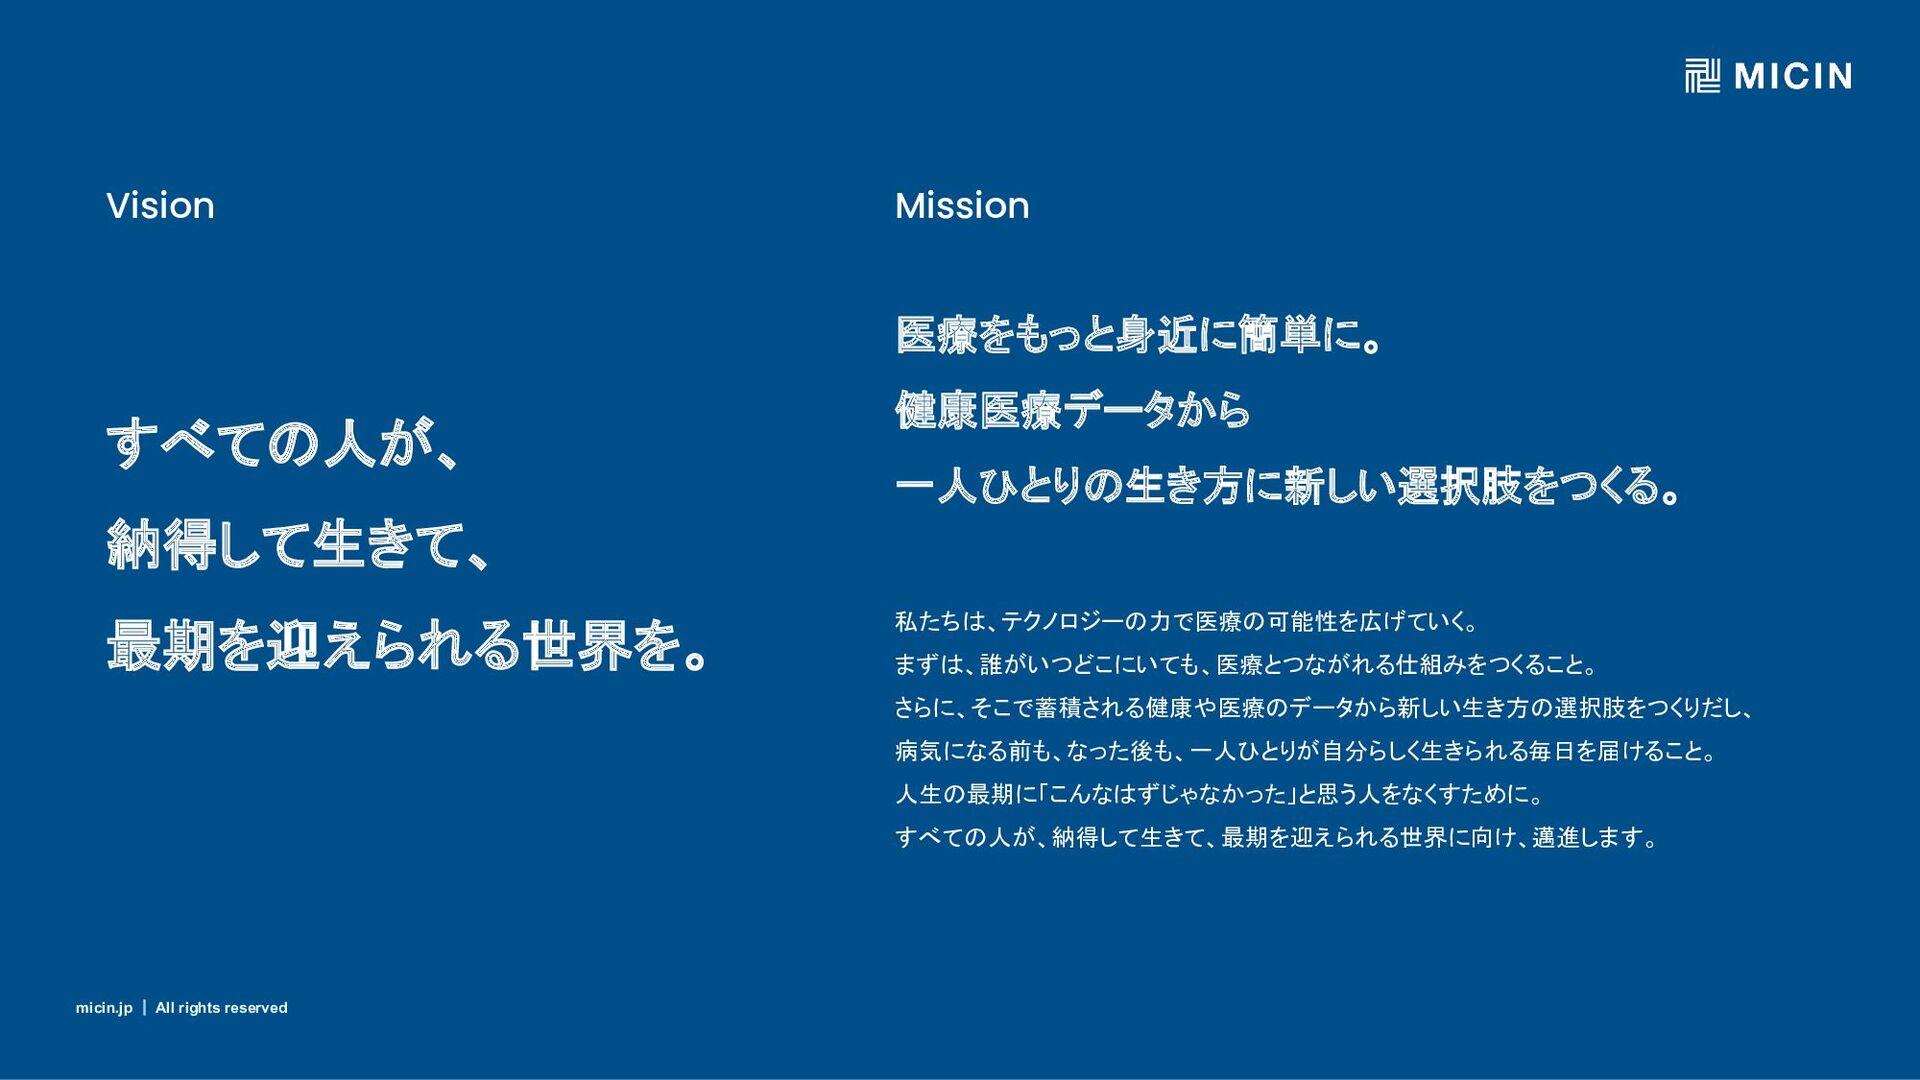 micin.jp ʛ All rights reserved 5 VISION 01 ձࣾ֓ཁ...